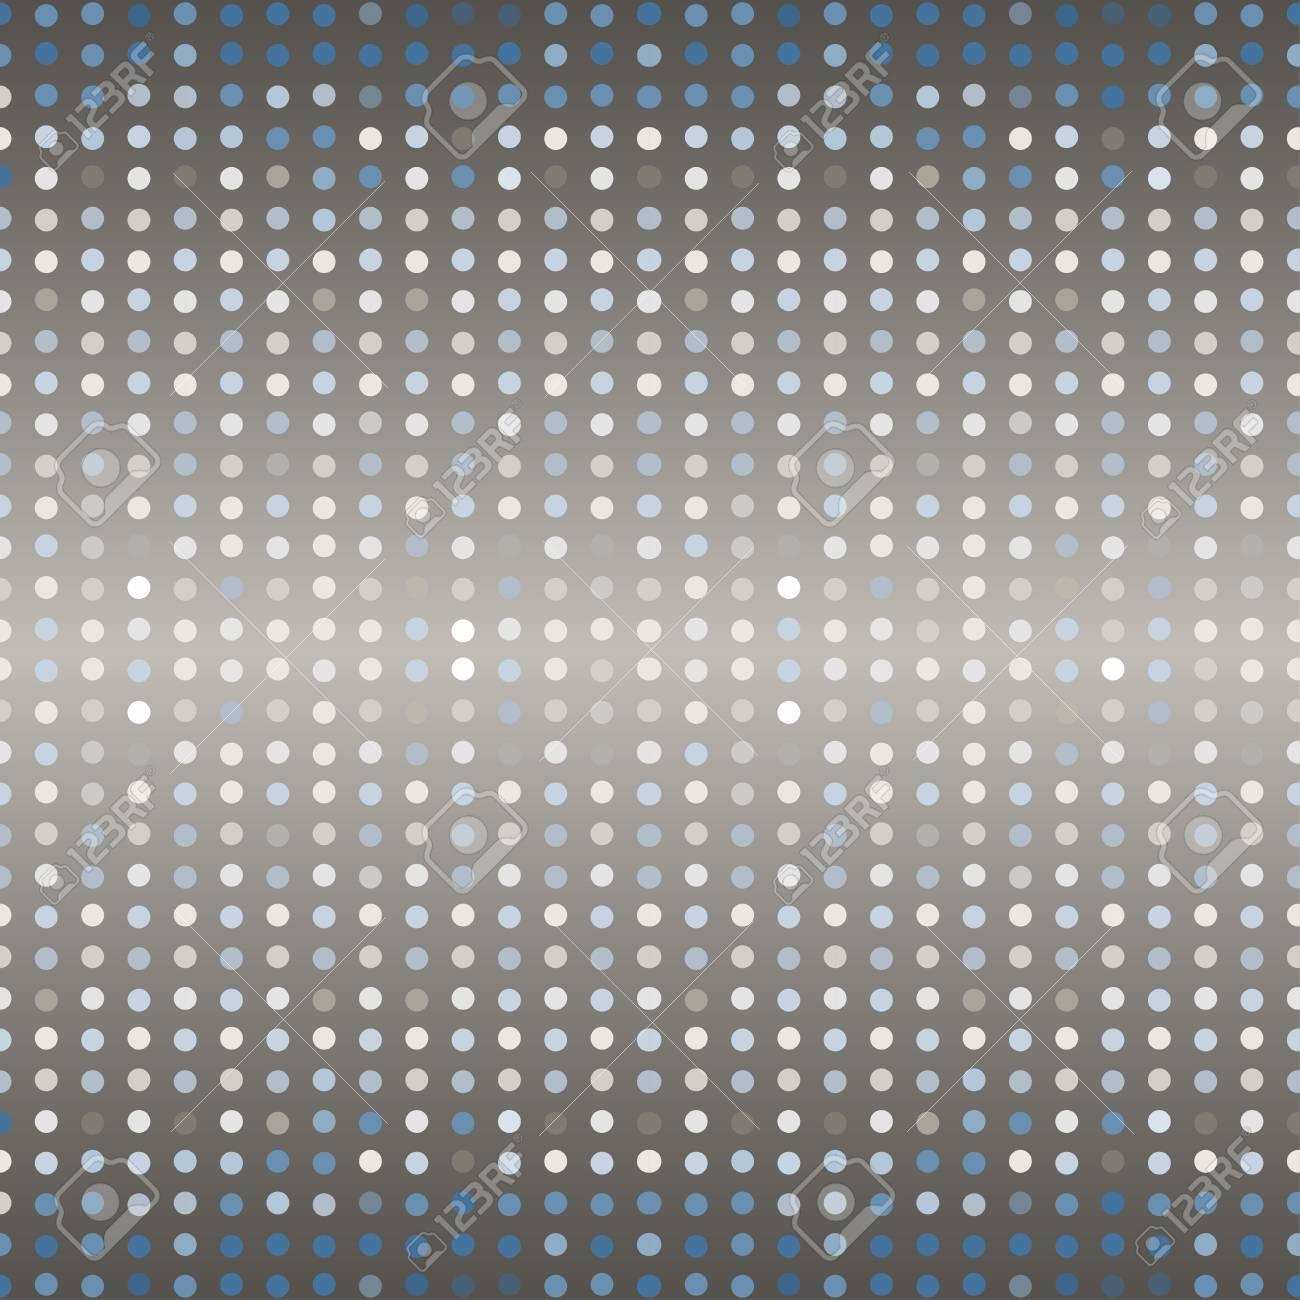 Carta Da Parati Moderna Texture.Vettoriale Polka Motivo Punteggiato Design Moderno Texture Puo